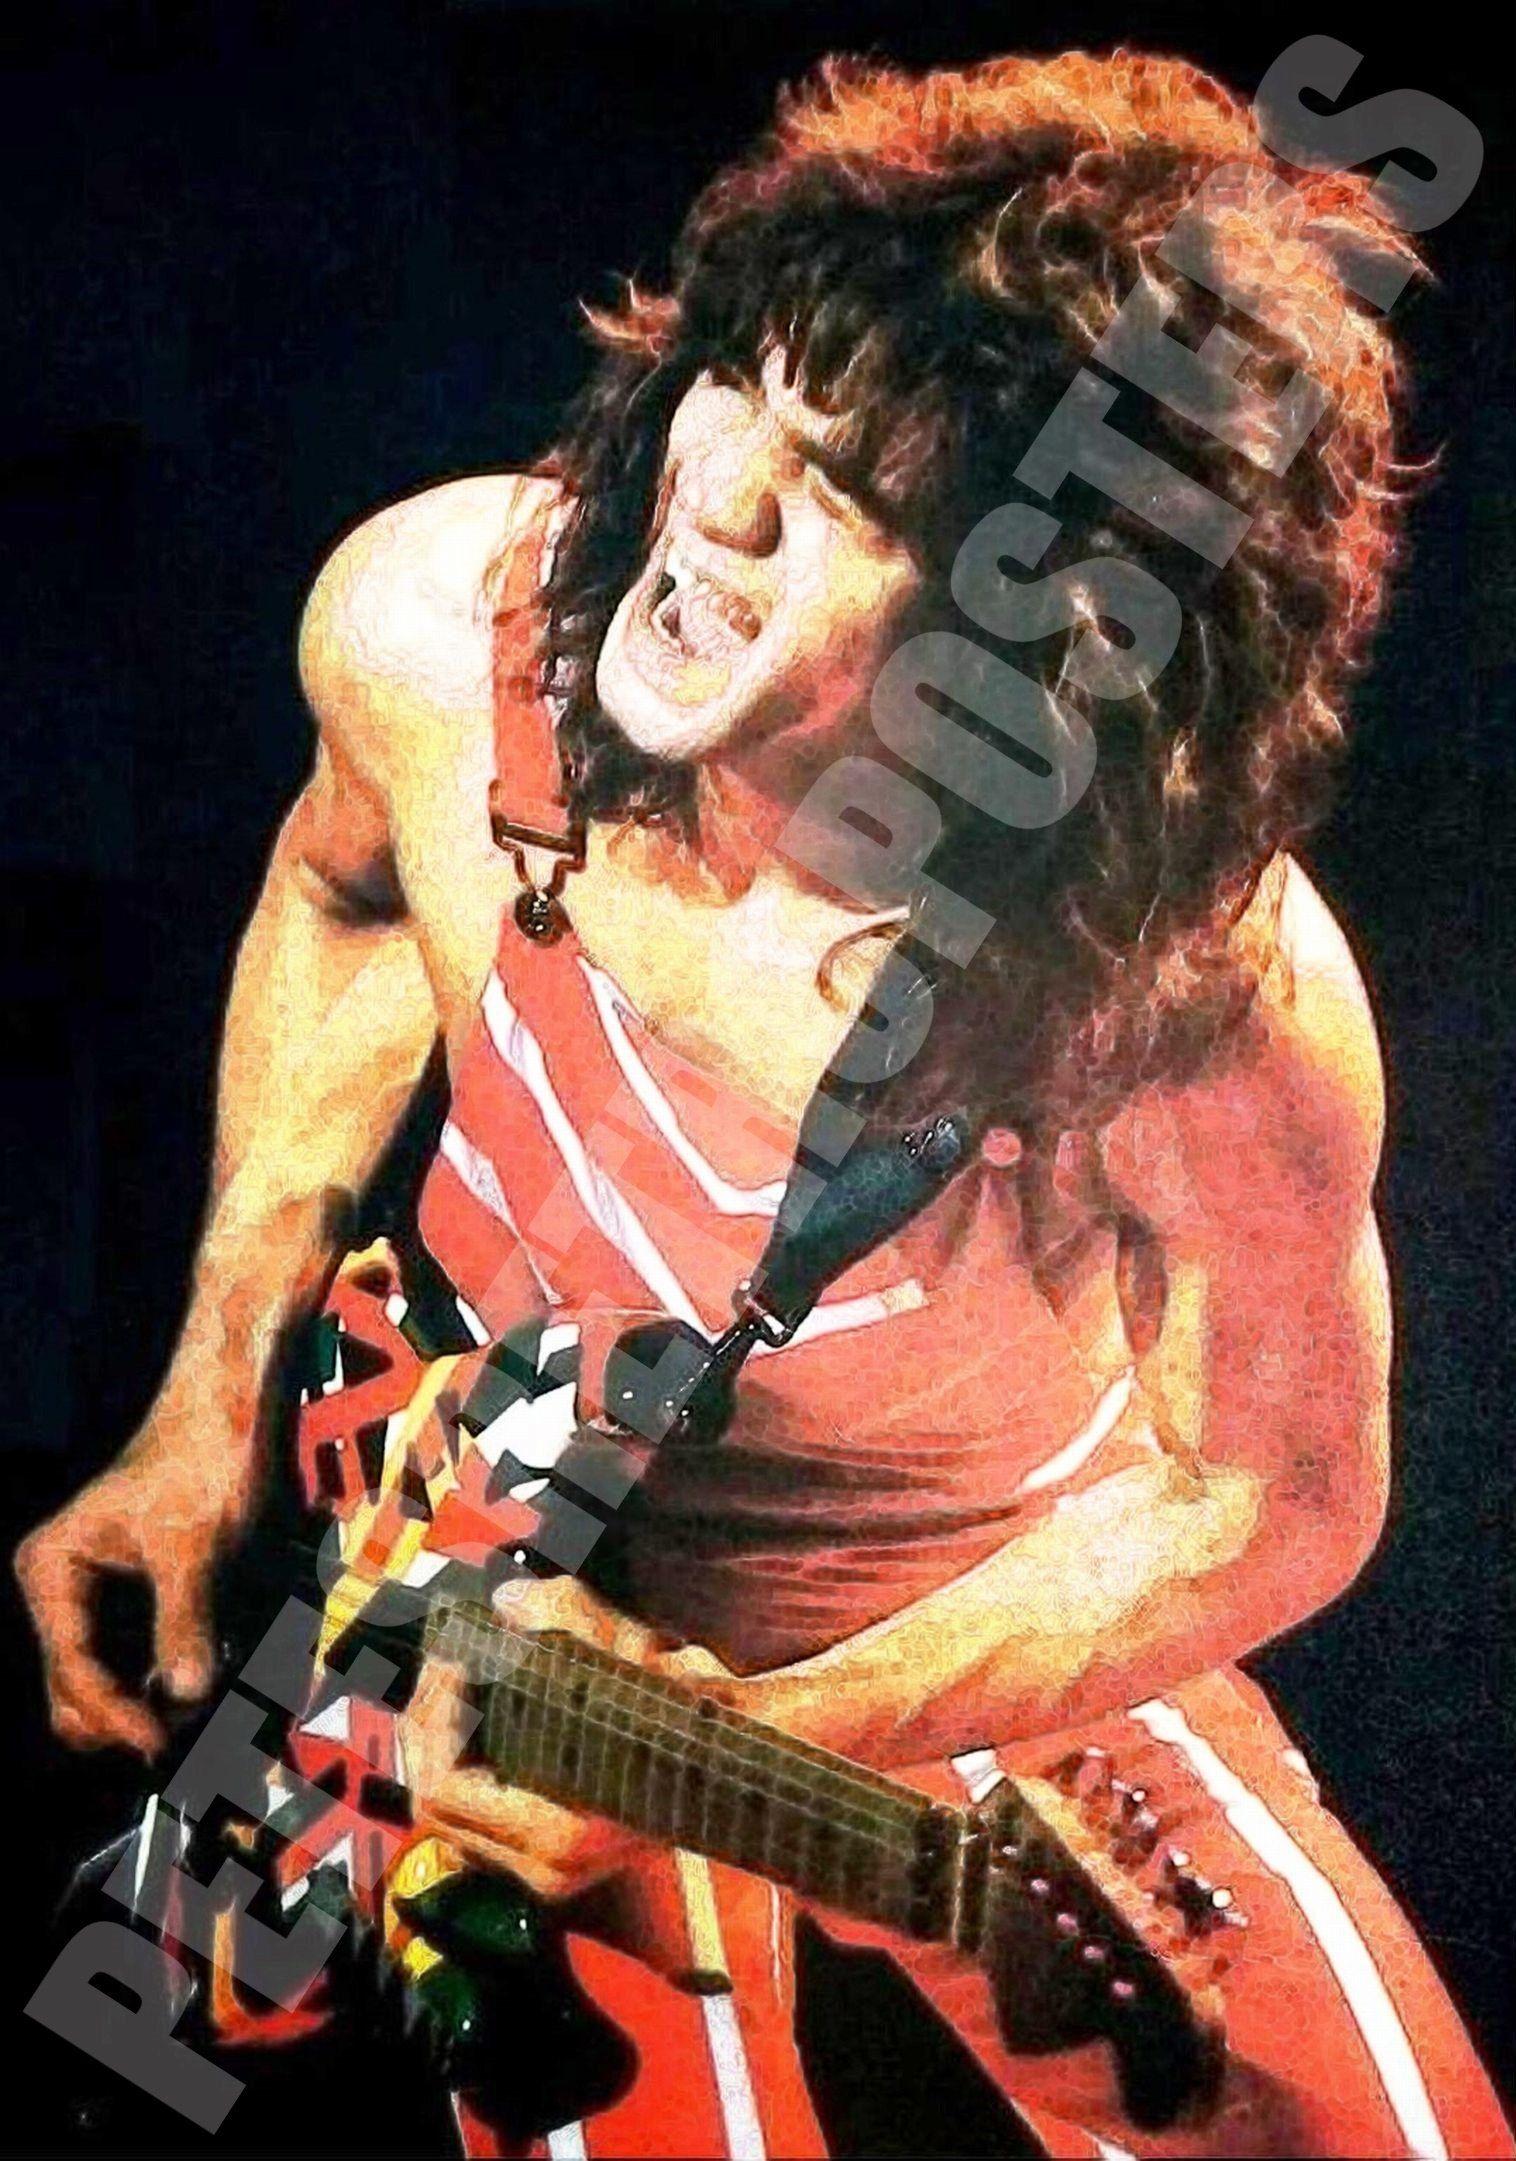 Eddie Van Halen Art Print New Etsy In 2020 Van Halen Eddie Van Halen Vintage Concert Posters